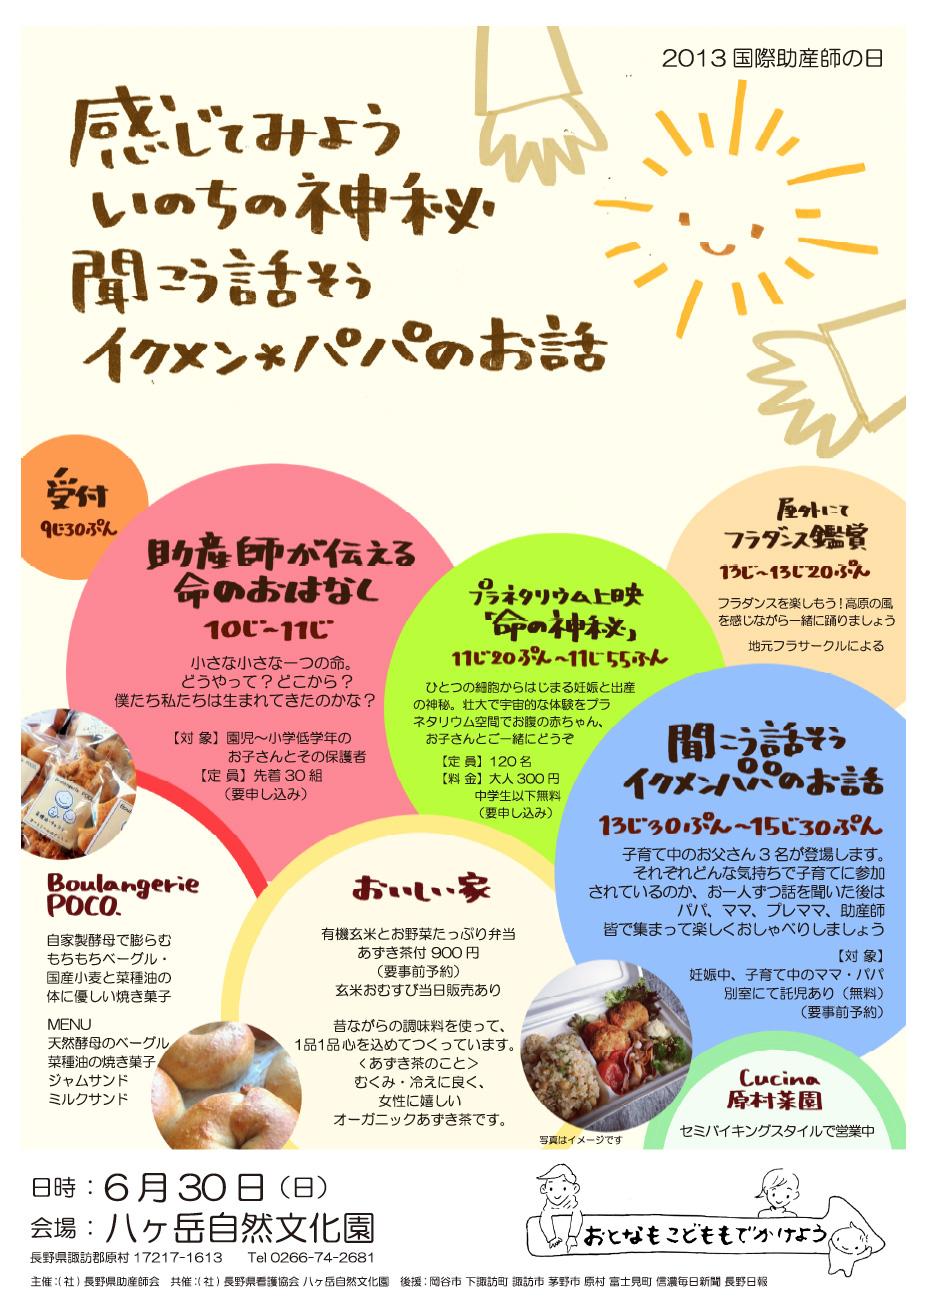 20130630_kokusaijosanshinohi.jpg